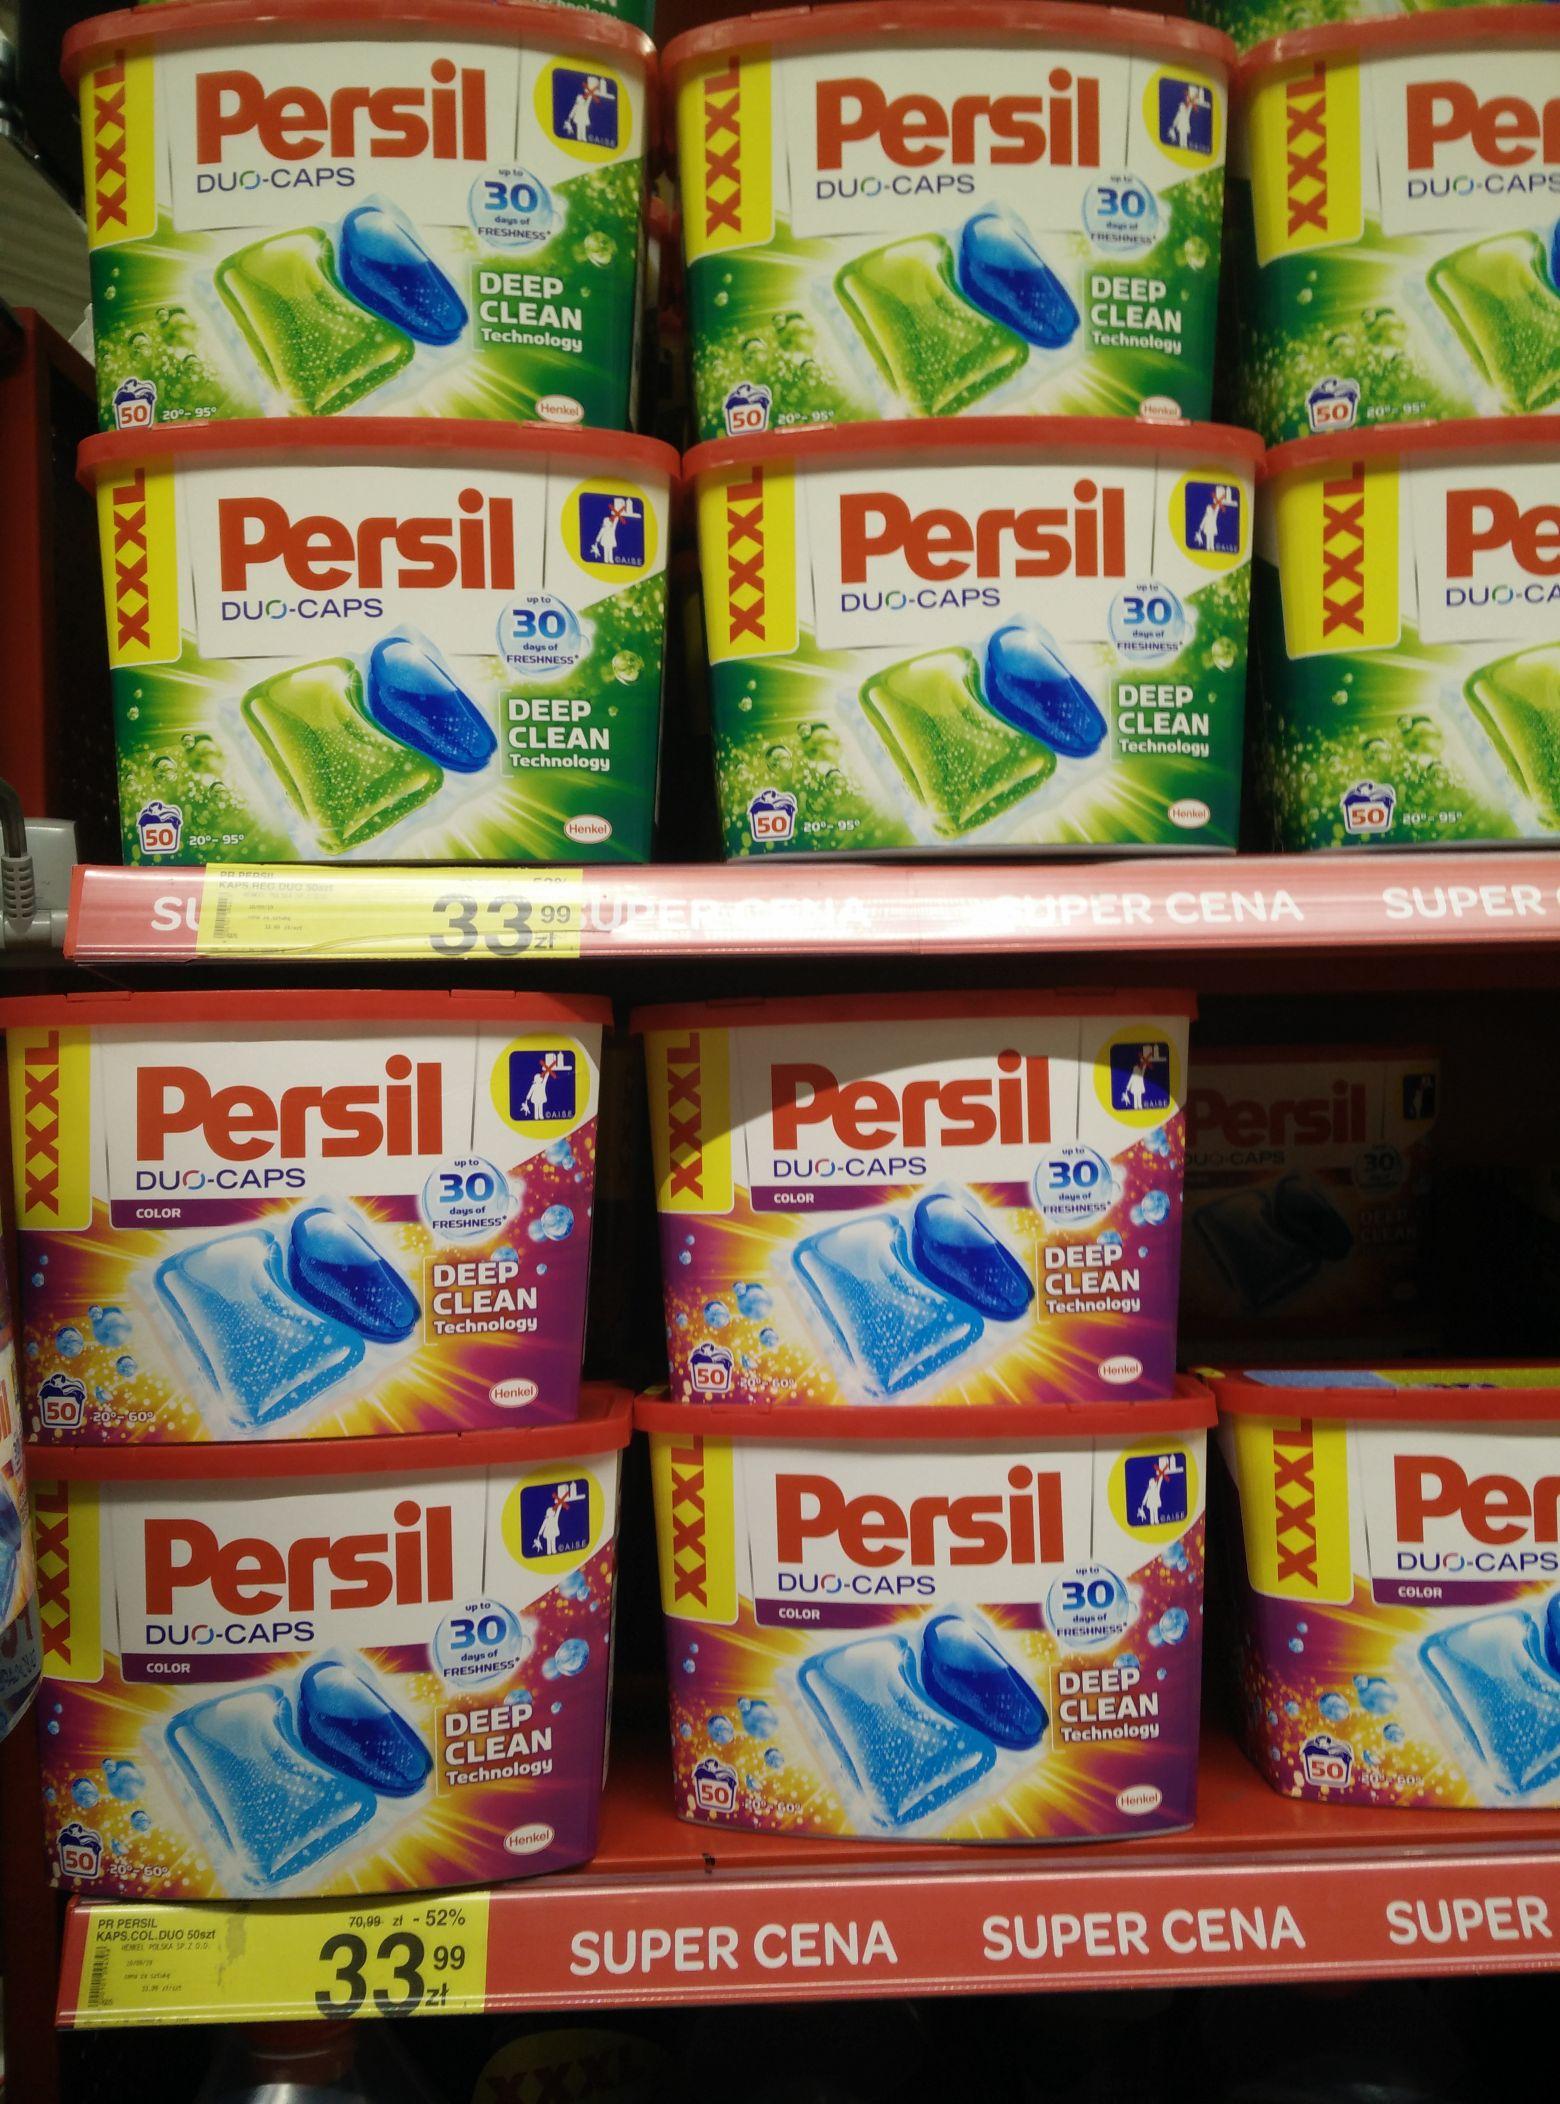 Kapsułki do prania Persil DUO-CAPS 50 sztuk - 68gr/sztuka, możliwe nawet 61gr | Carrefour